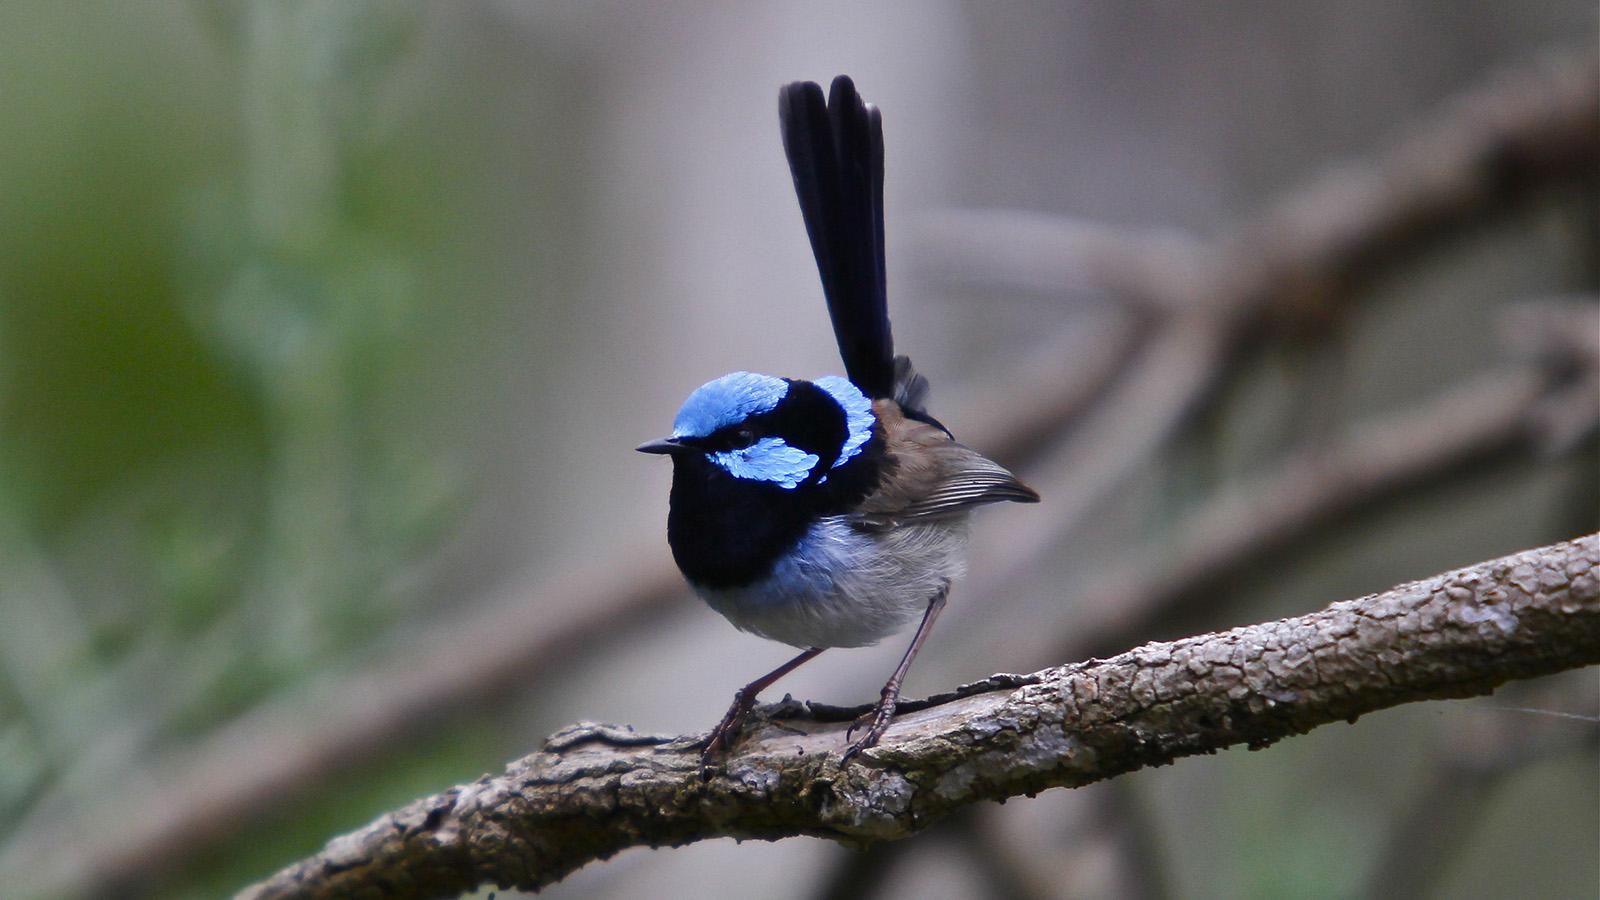 Birdlife, Phillip Island, Victoria, Australia